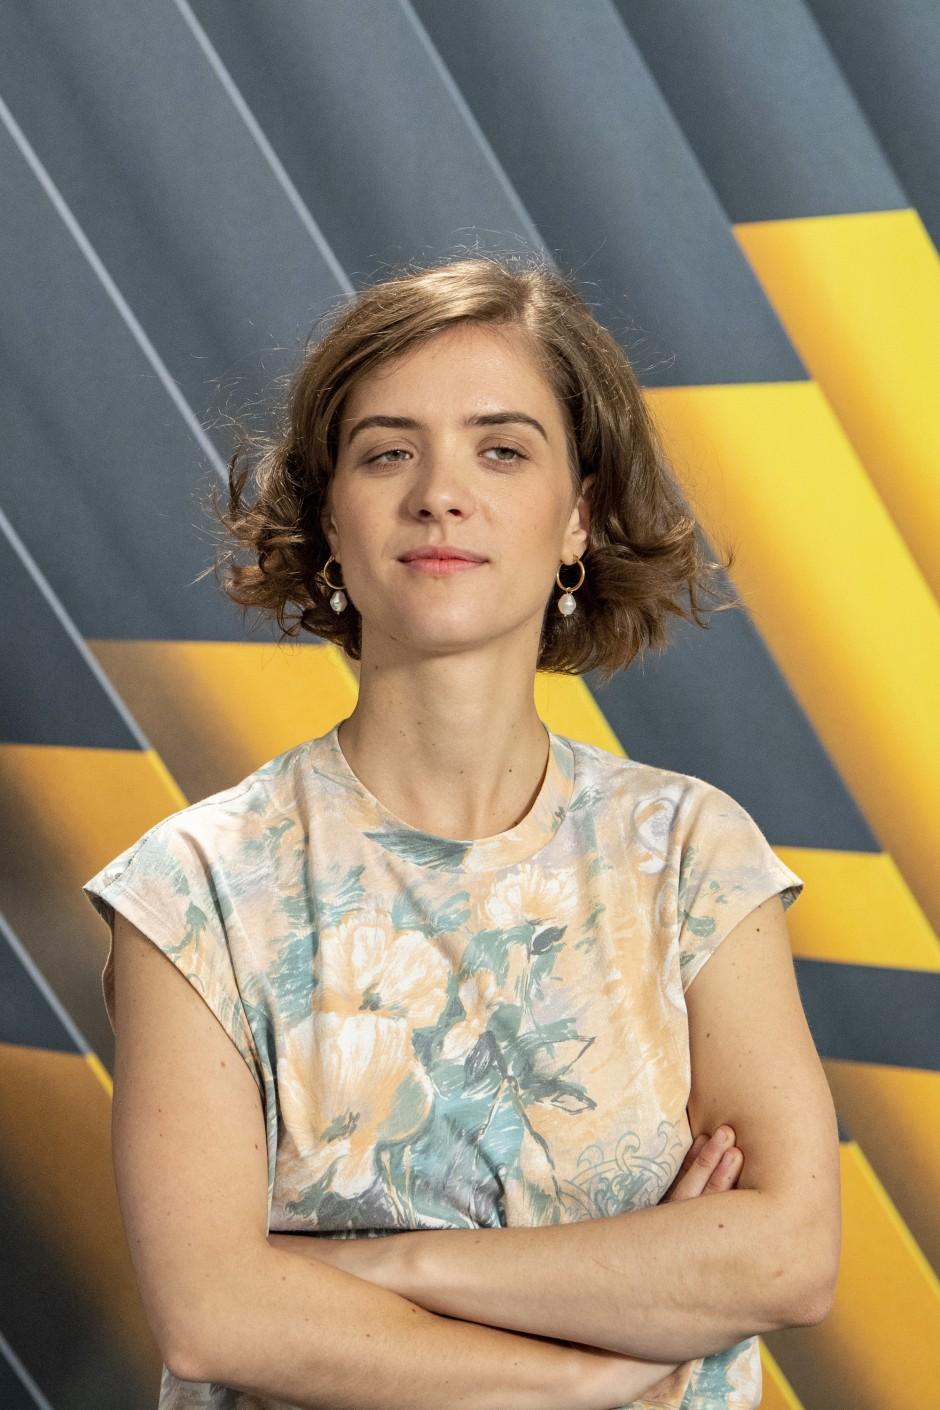 Ein unverwechselbares Gesicht: die Berliner Schauspielerin Liv Lisa Fries – Anfang August beim Filmfestival in Locarno